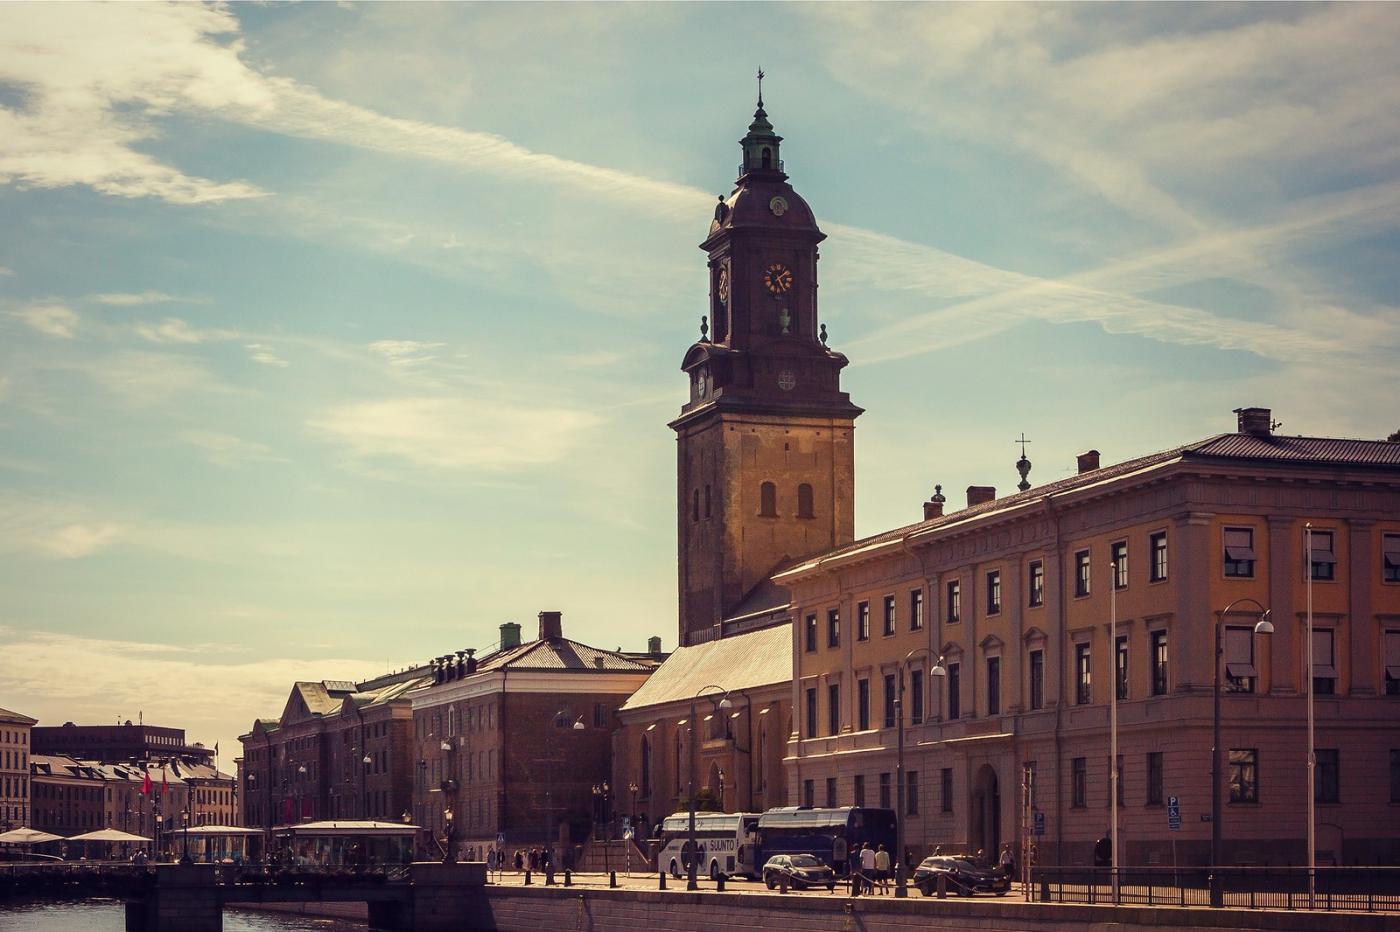 瑞典哥德堡,這幢大廈很特殊_圖1-8